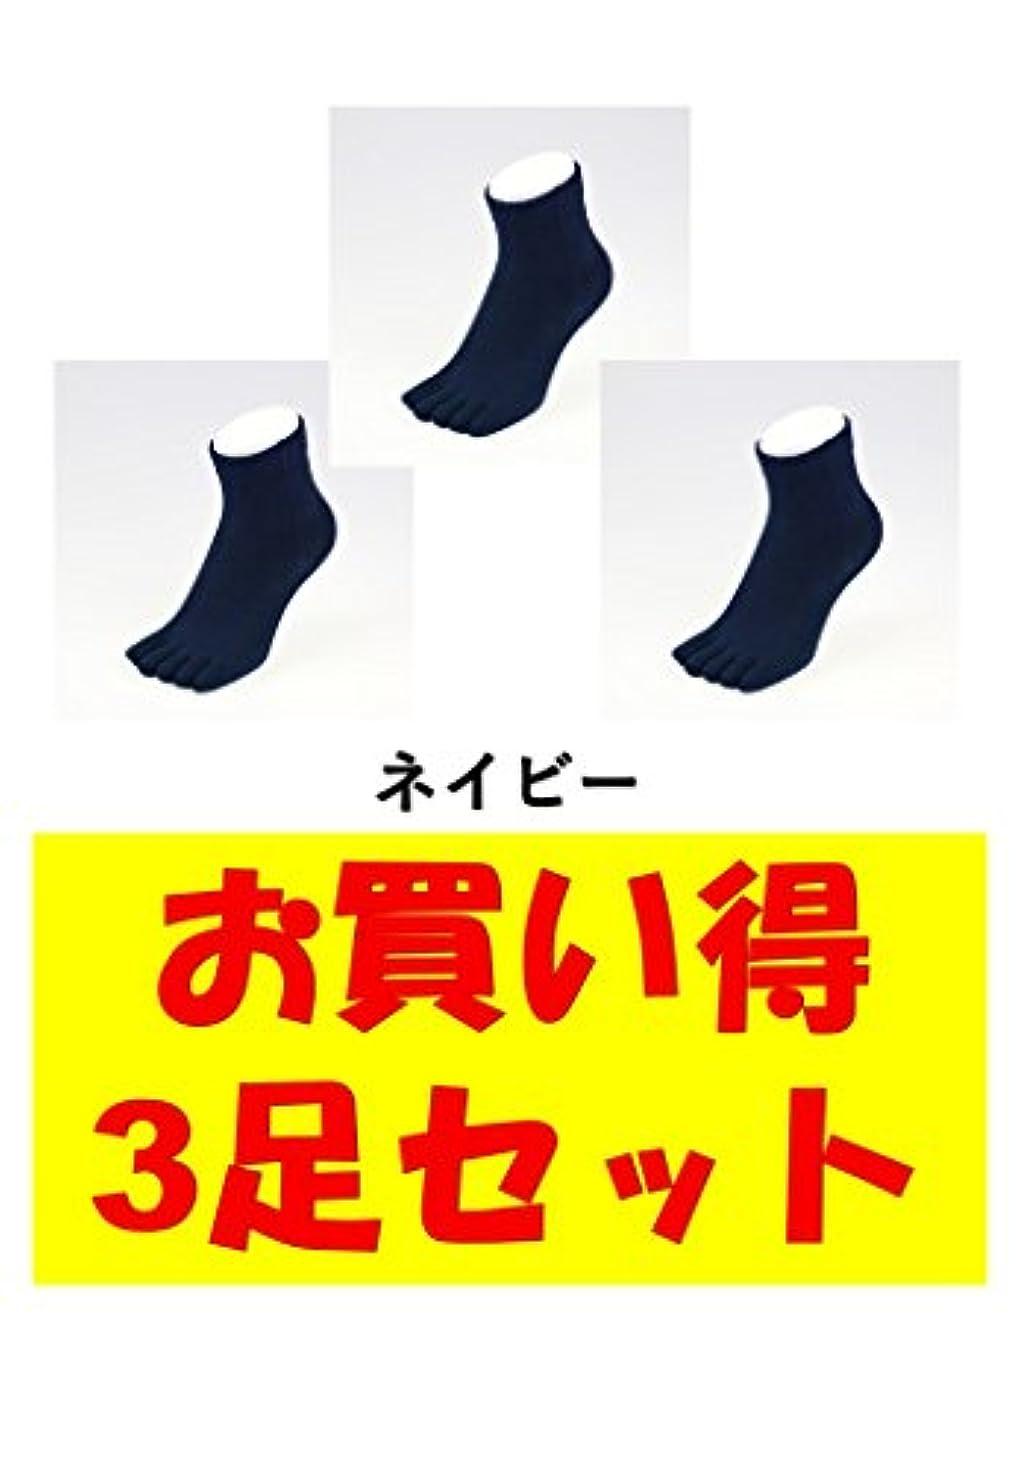 切断する子供達豚肉お買い得3足セット 5本指 ゆびのばソックス Neo EVE(イヴ) ネイビー iサイズ(23.5cm - 25.5cm) YSNEVE-NVY